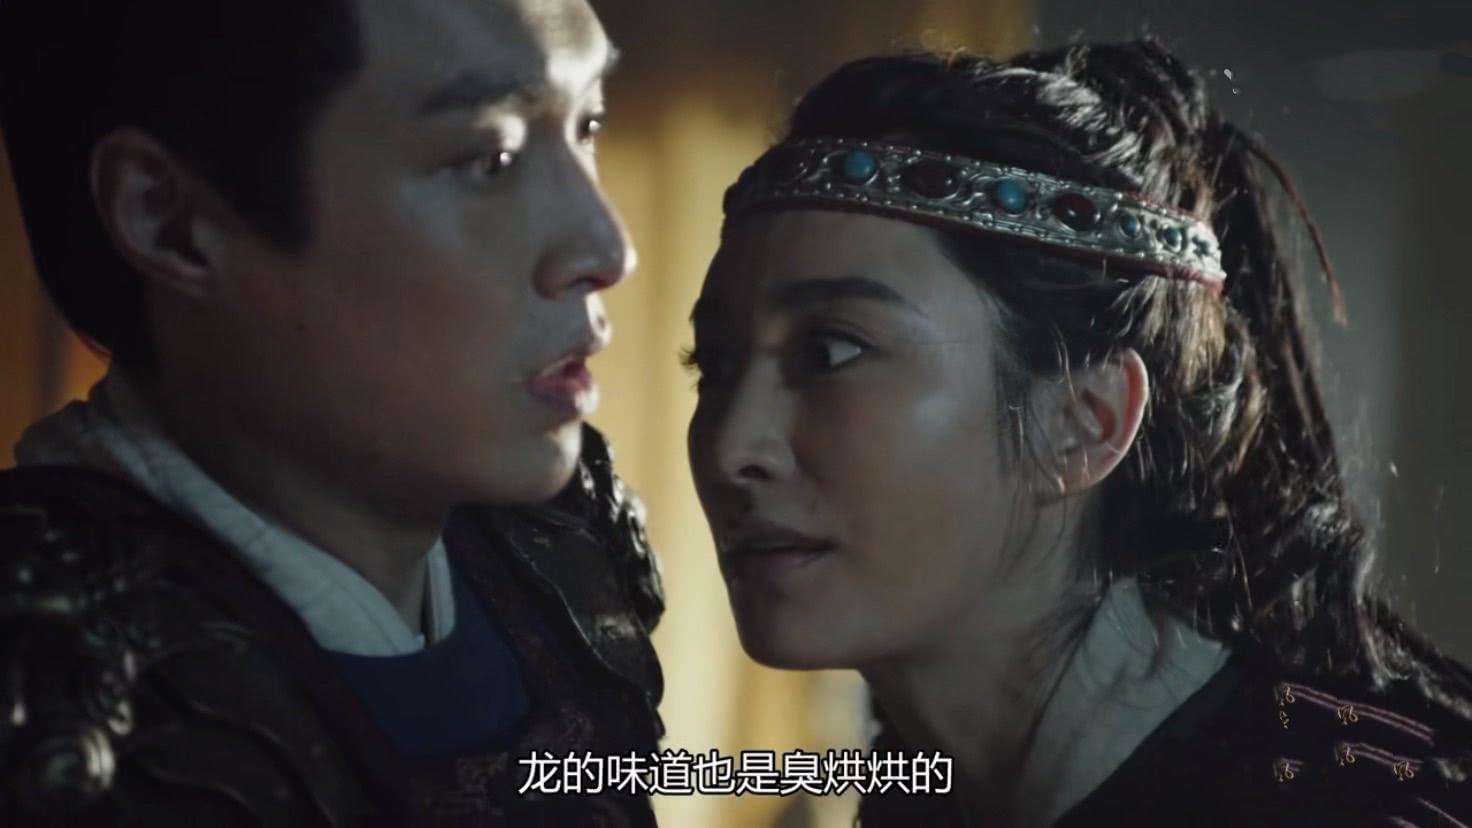 《大明风华》朱祁镇被俘虏,孙若微四处求助无果,朱祁镇还被吐槽臭烘烘